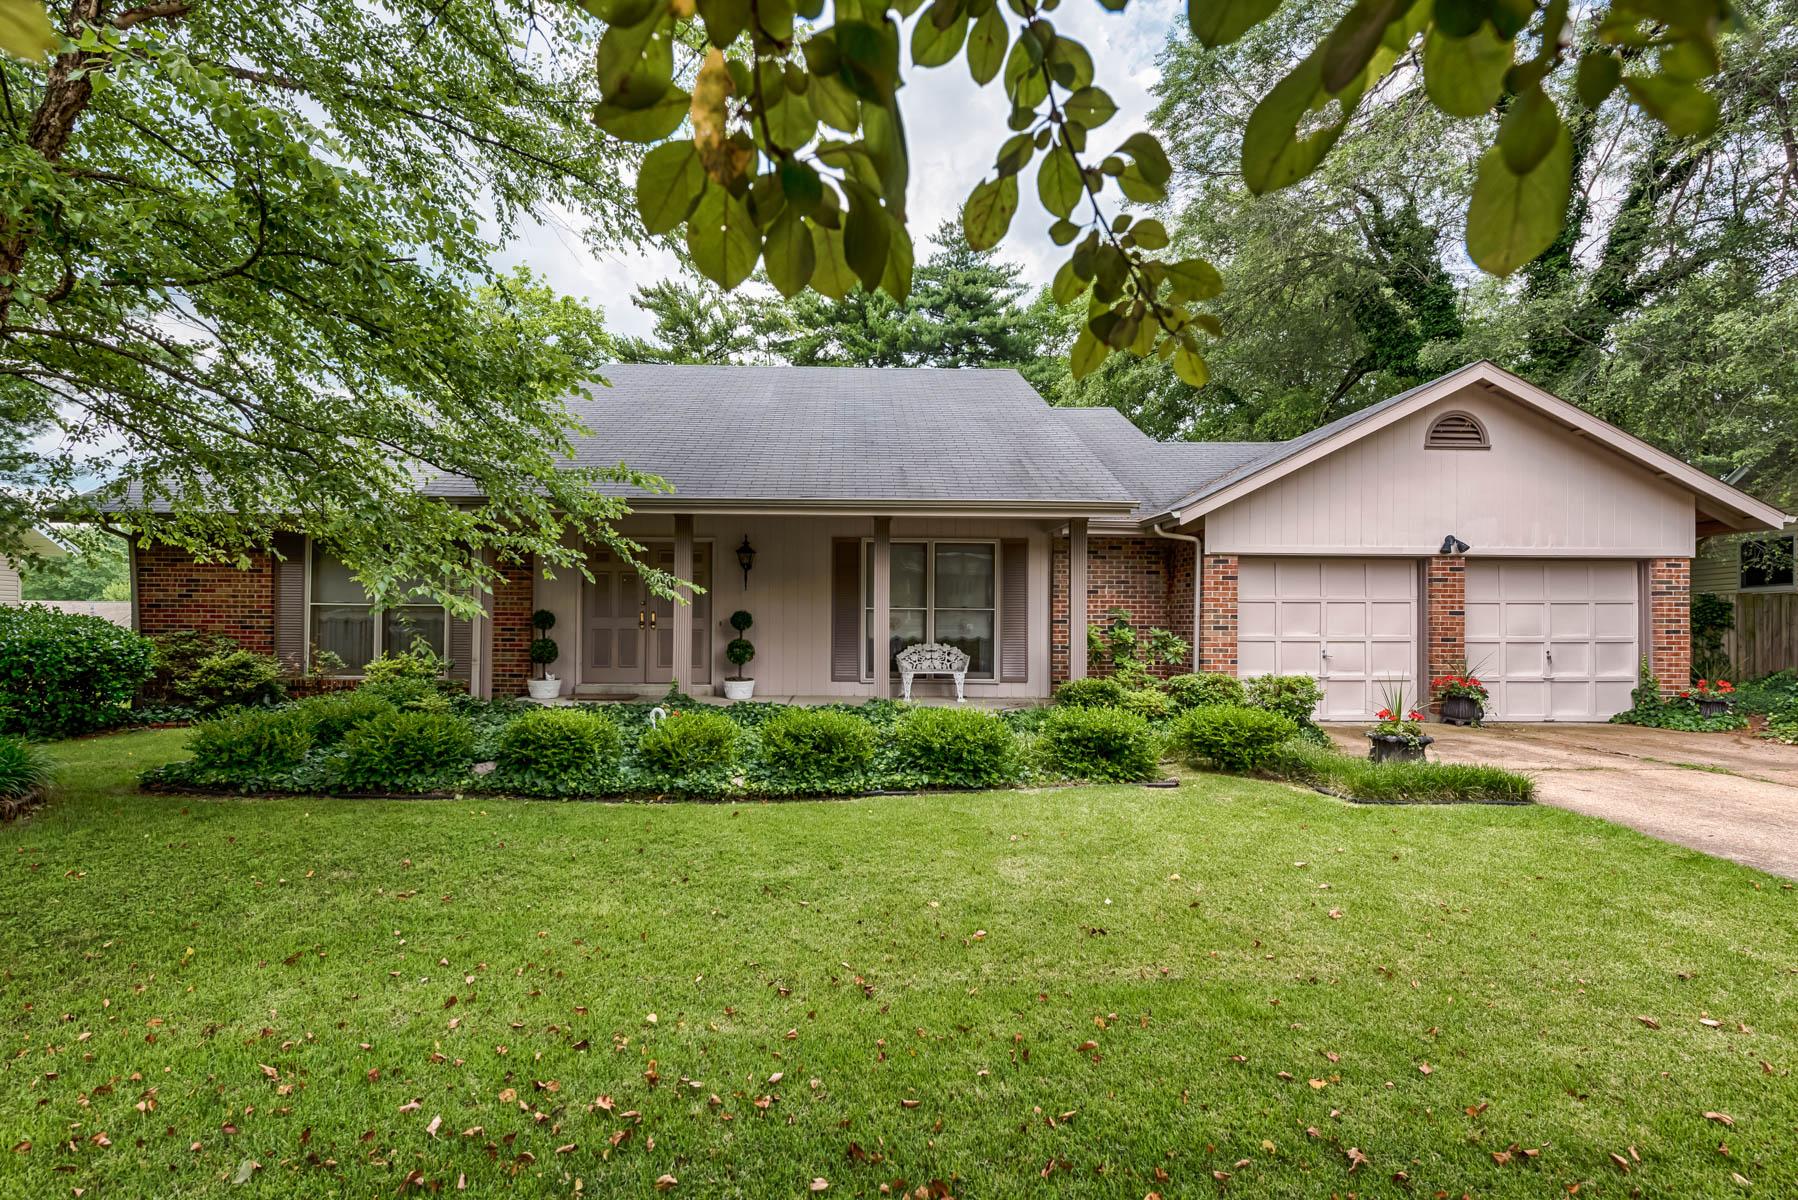 Casa para uma família para Venda às Somerton Ridge Dr 12874 Somerton Ridge Dr Creve Coeur, Missouri 63141 Estados Unidos